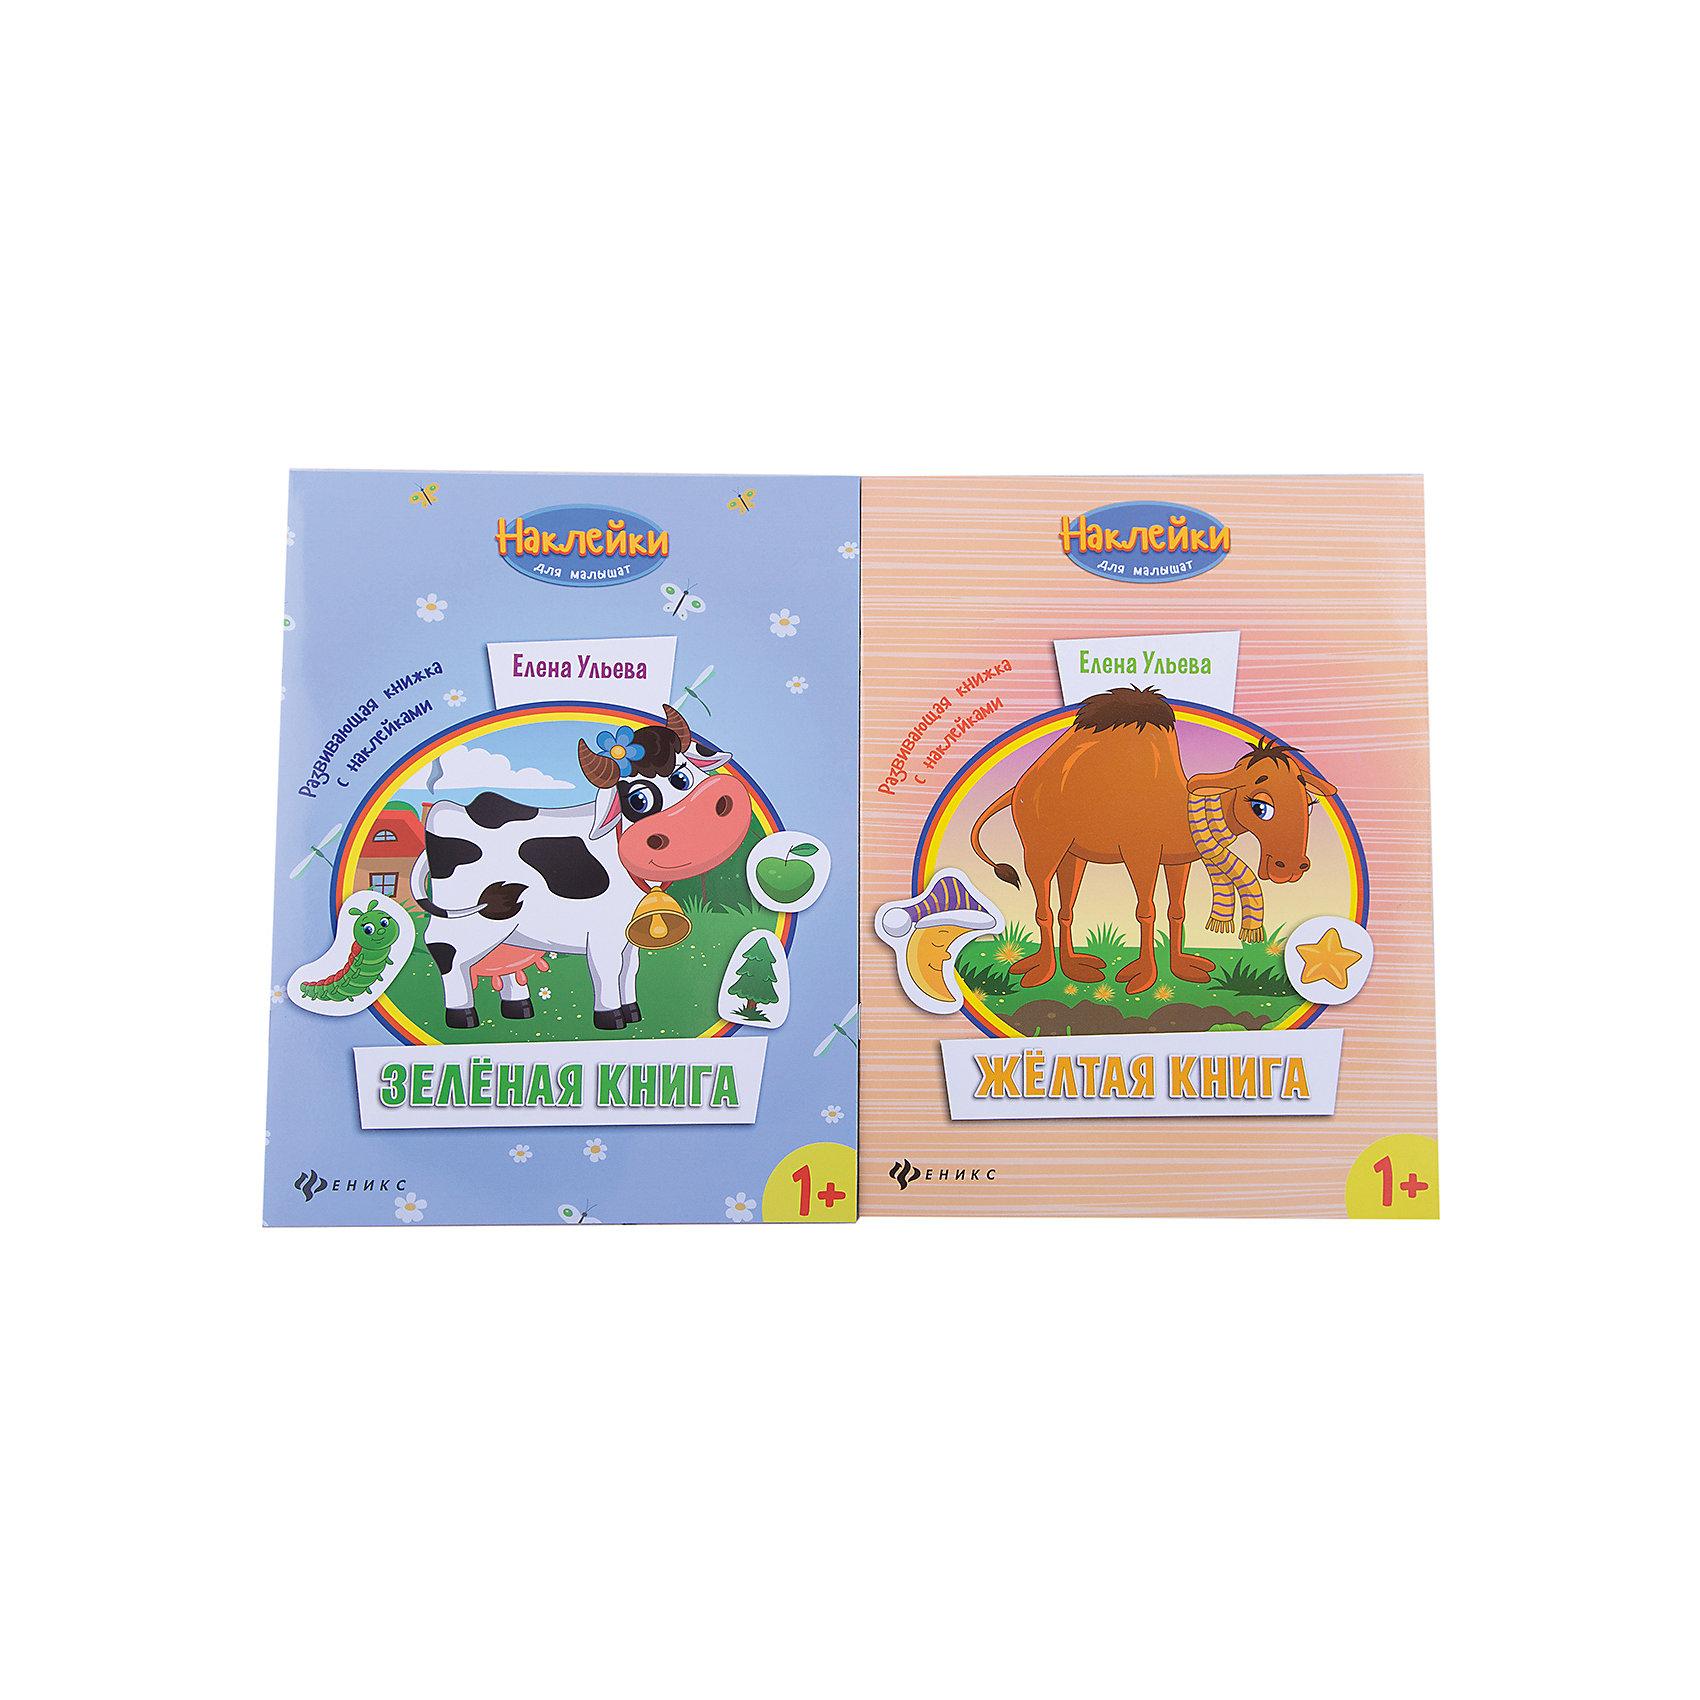 Комплект наклеек для малышей Желтая + Зеленая книгаКнижки с наклейками<br>Характеристики:<br><br>• ISBN: 978-5-222-26835-3;<br>• ISBN: 978-5-222-26833-9;<br>• возраст: от 2 лет;<br>• формат: 84х108/16;<br>• бумага: мелованная;<br>• тип обложки: мягкий переплет (крепление скрепкой или клеем);<br>• иллюстрации: цветные;<br>• серия: Наклейки для малышат;<br>• издательство: Феникс, 2016 г.;<br>• автор: Ульева Елена Александровна;<br>• редактор: Силенко Елизавета;<br>• художник: Таширова Юлия;<br>• количество страниц в книге: 8;<br>• размеры книги: 25,9х19,9х0,1 см;<br>• масса книги: 68 г.<br><br>В набор входит 2 книжки: <br><br>• «Желтая книга»;<br>• «Зеленая книга».<br><br>Веселые задания для малышей легко и интересно выполнять. На картинках необходимо найти недостающий предмет и приклеить наклейку из набора. <br><br>Простые сюжеты с домашними и дикими животными станут наглядным пособием для знакомства ребят с животным миром.<br><br>В комплект входят яркие тематические наклейки, которые можно использовать для выполнения упражнений или для игры.<br><br>Набор книг «Желтая книга + Зеленая книга», Ульева Е.А., Феникс, можно купить в нашем интернет-магазине.<br><br>Ширина мм: 260<br>Глубина мм: 199<br>Высота мм: 40<br>Вес г: 408<br>Возраст от месяцев: 24<br>Возраст до месяцев: 2147483647<br>Пол: Унисекс<br>Возраст: Детский<br>SKU: 6873664